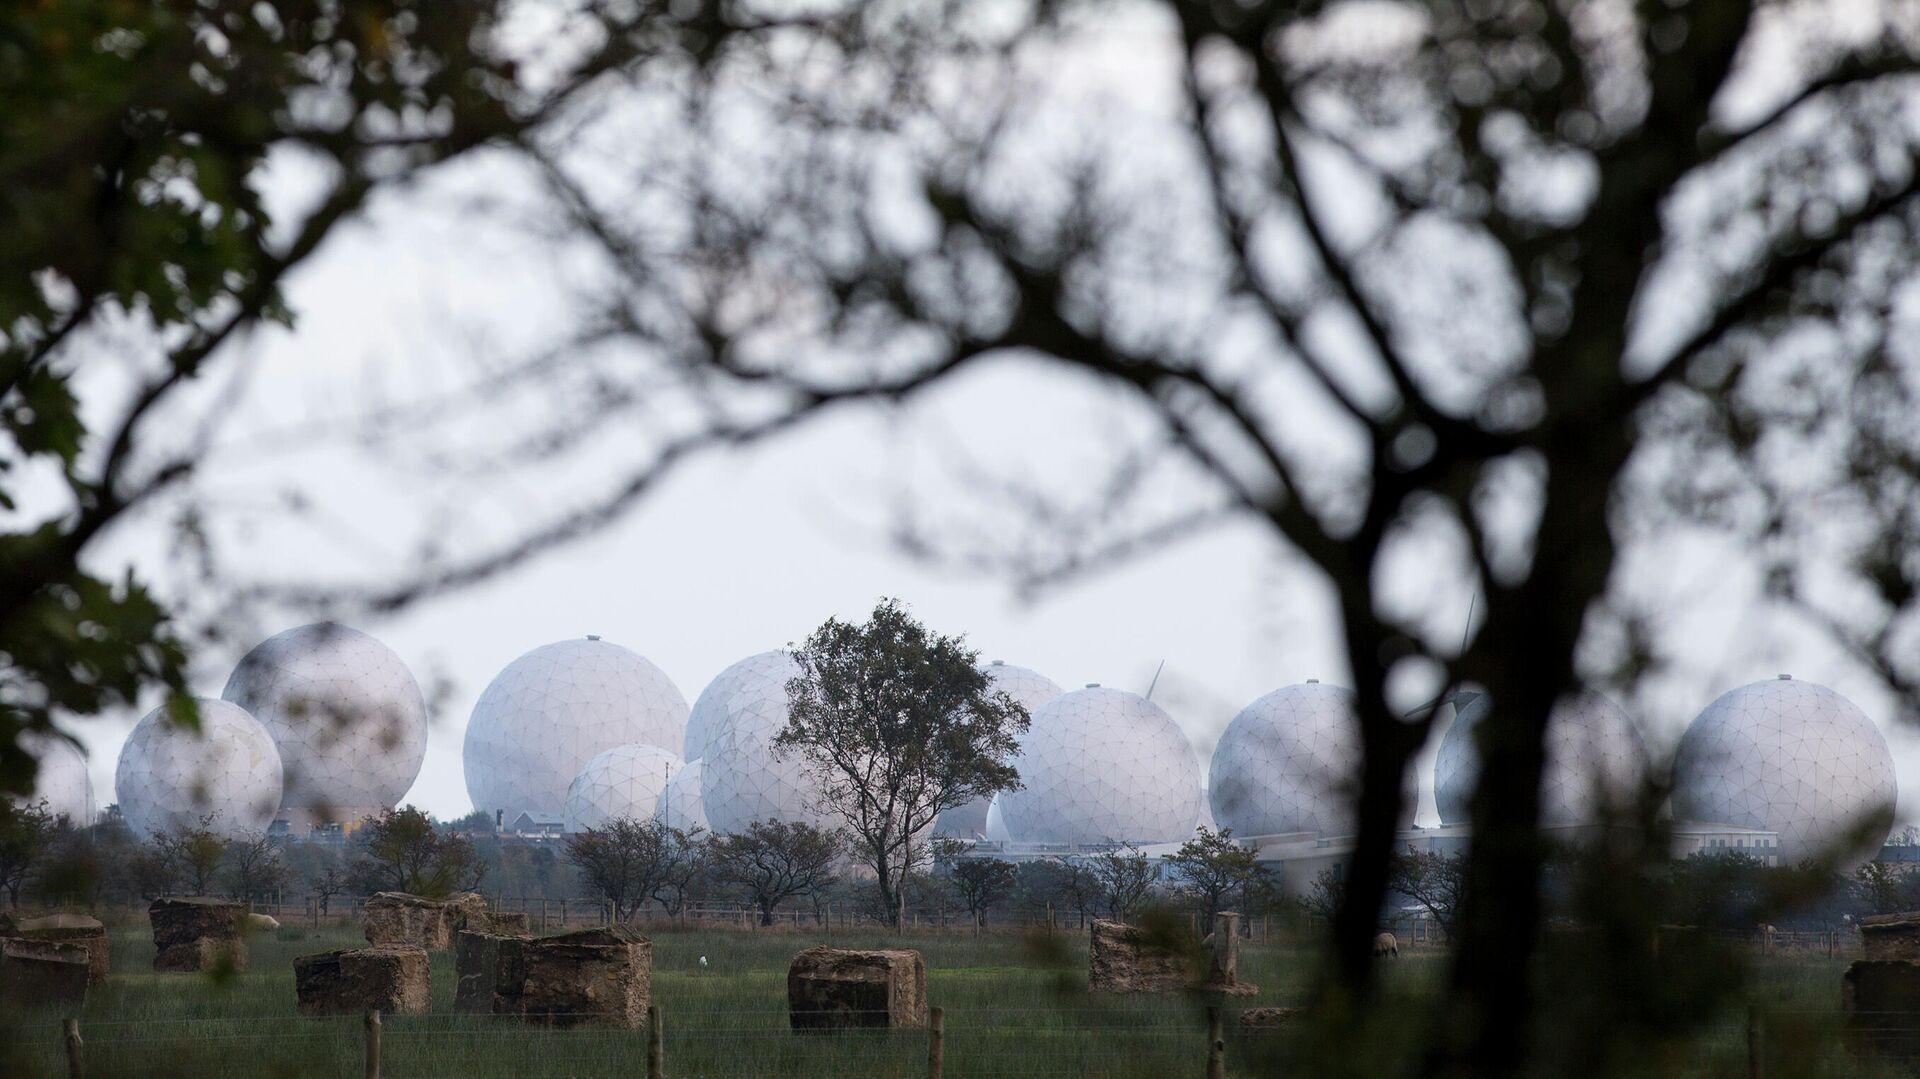 La base Menwith Hill de la Real Fuerza Aérea británica —RAF, por sus siglas en inglés— - Sputnik Mundo, 1920, 03.10.2021